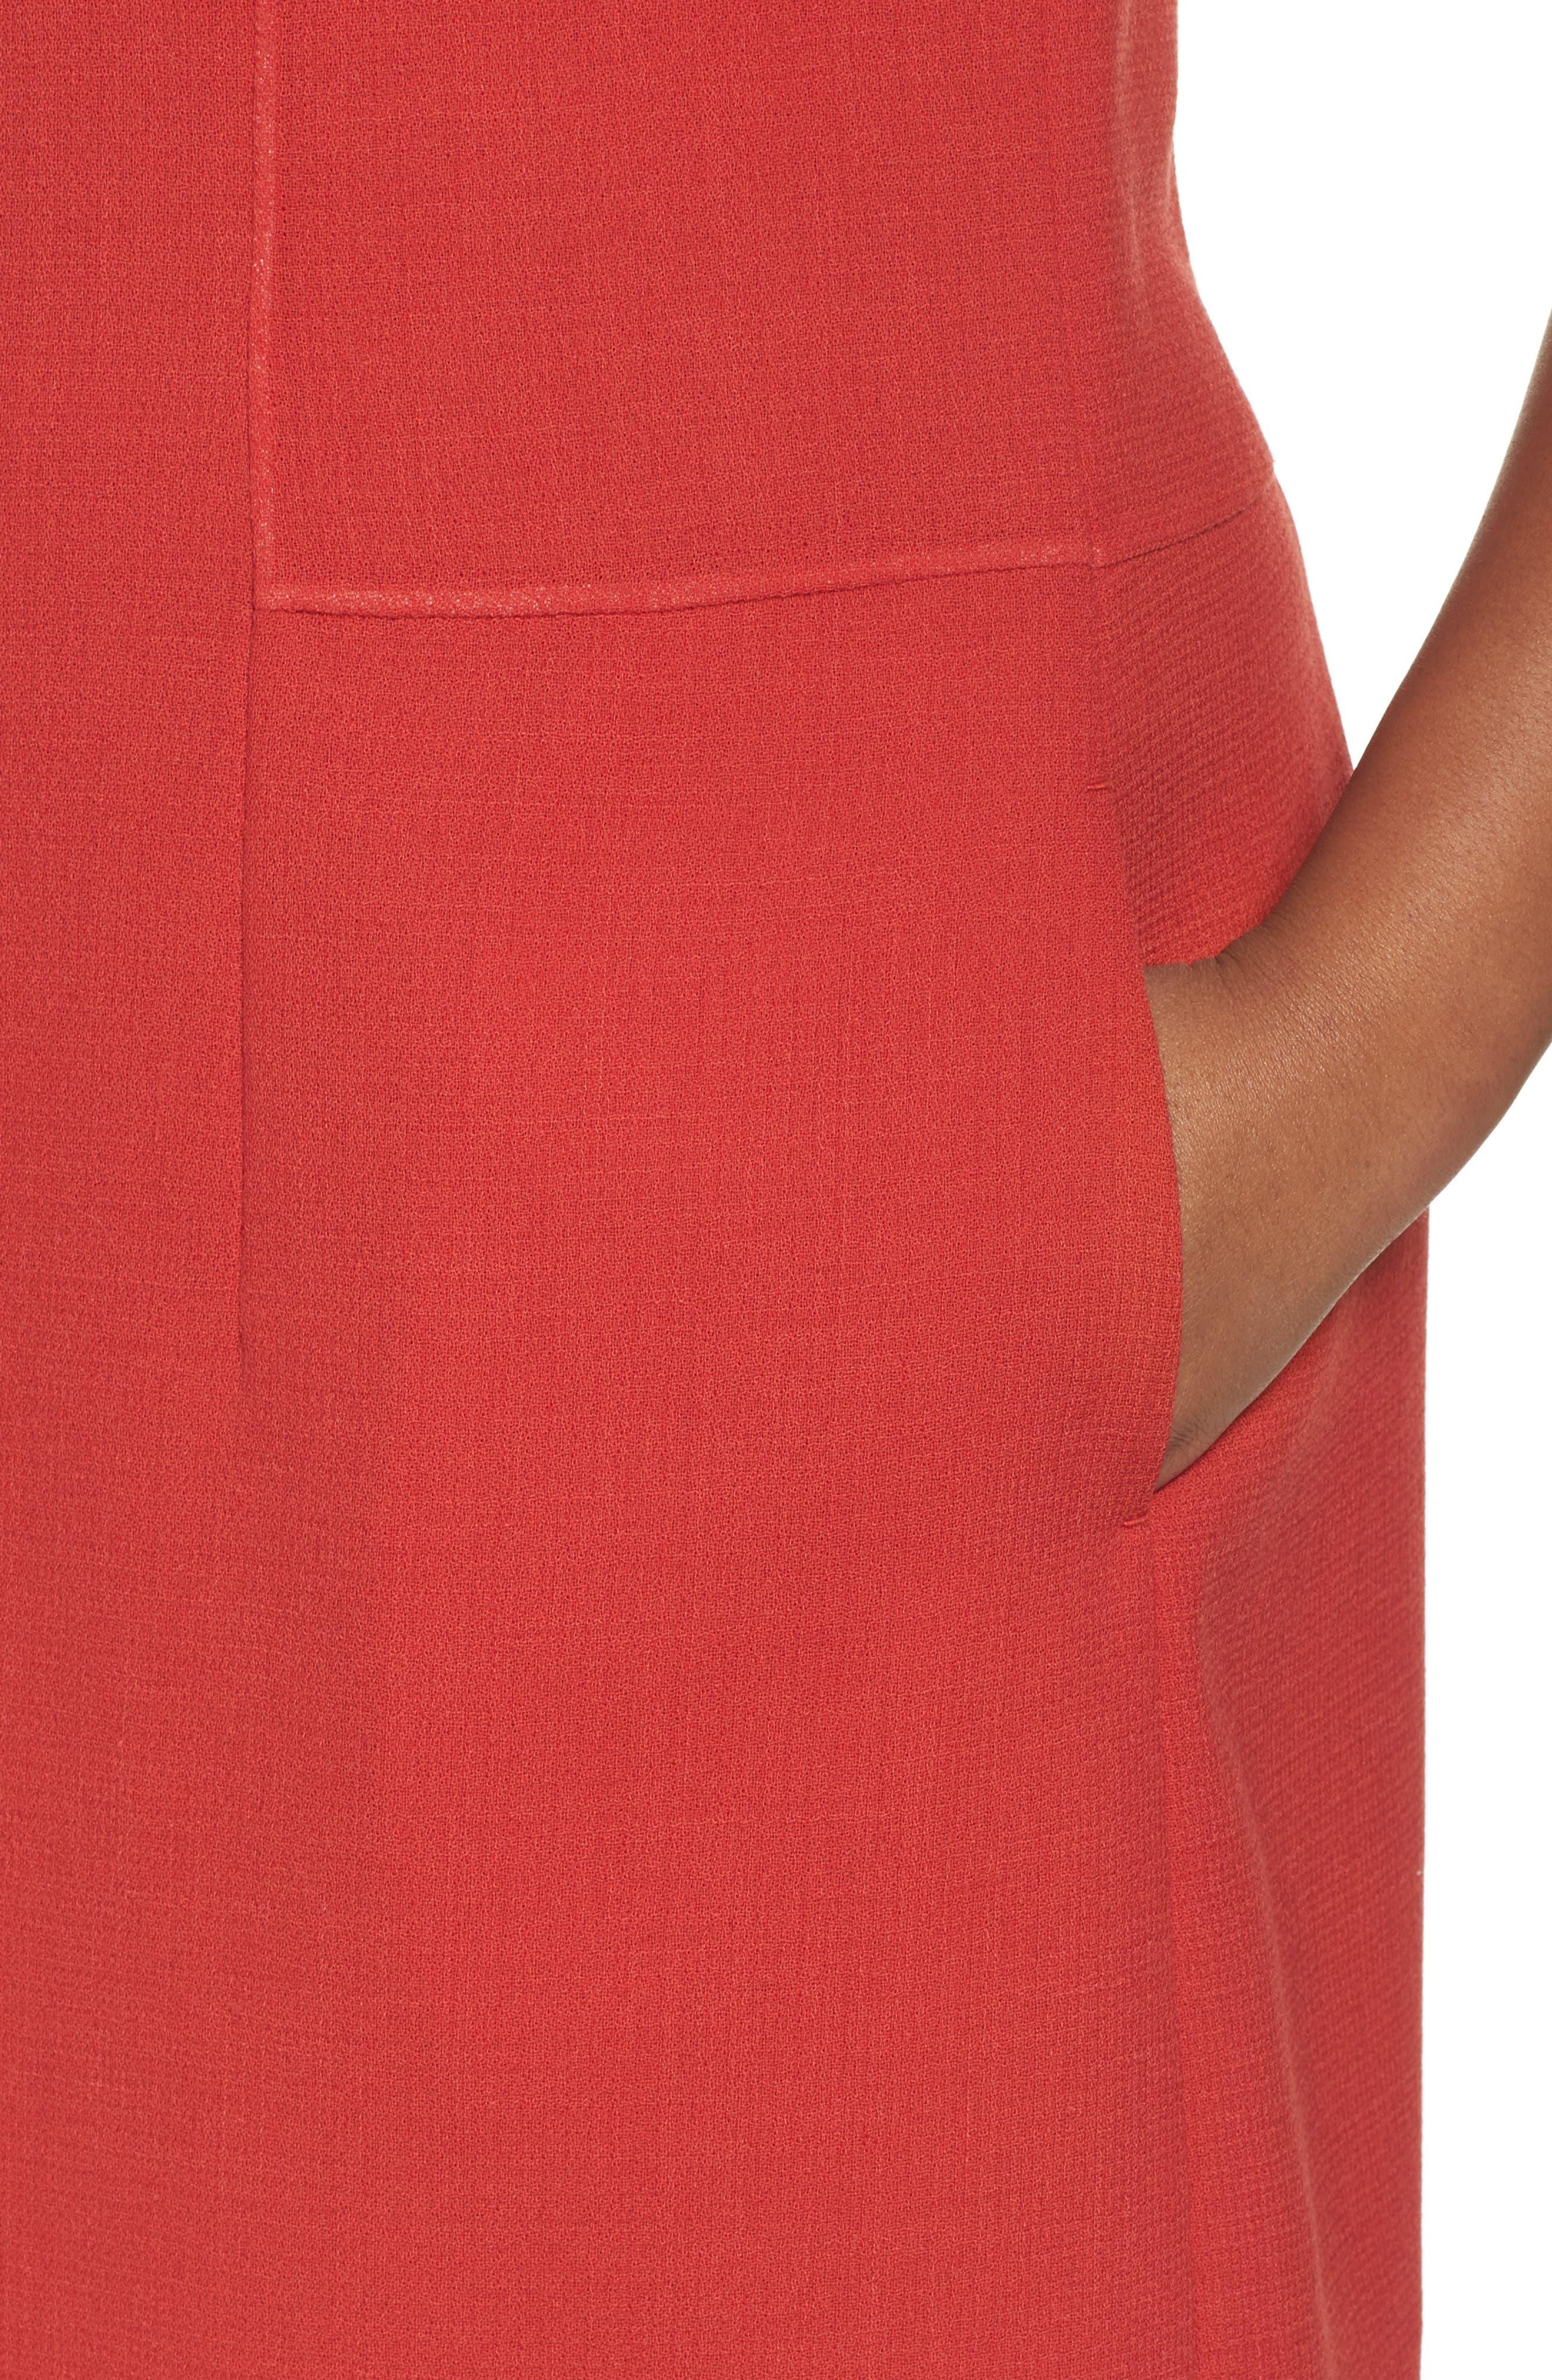 Selita Nouveau Crepe Dress,                             Alternate thumbnail 4, color,                             892